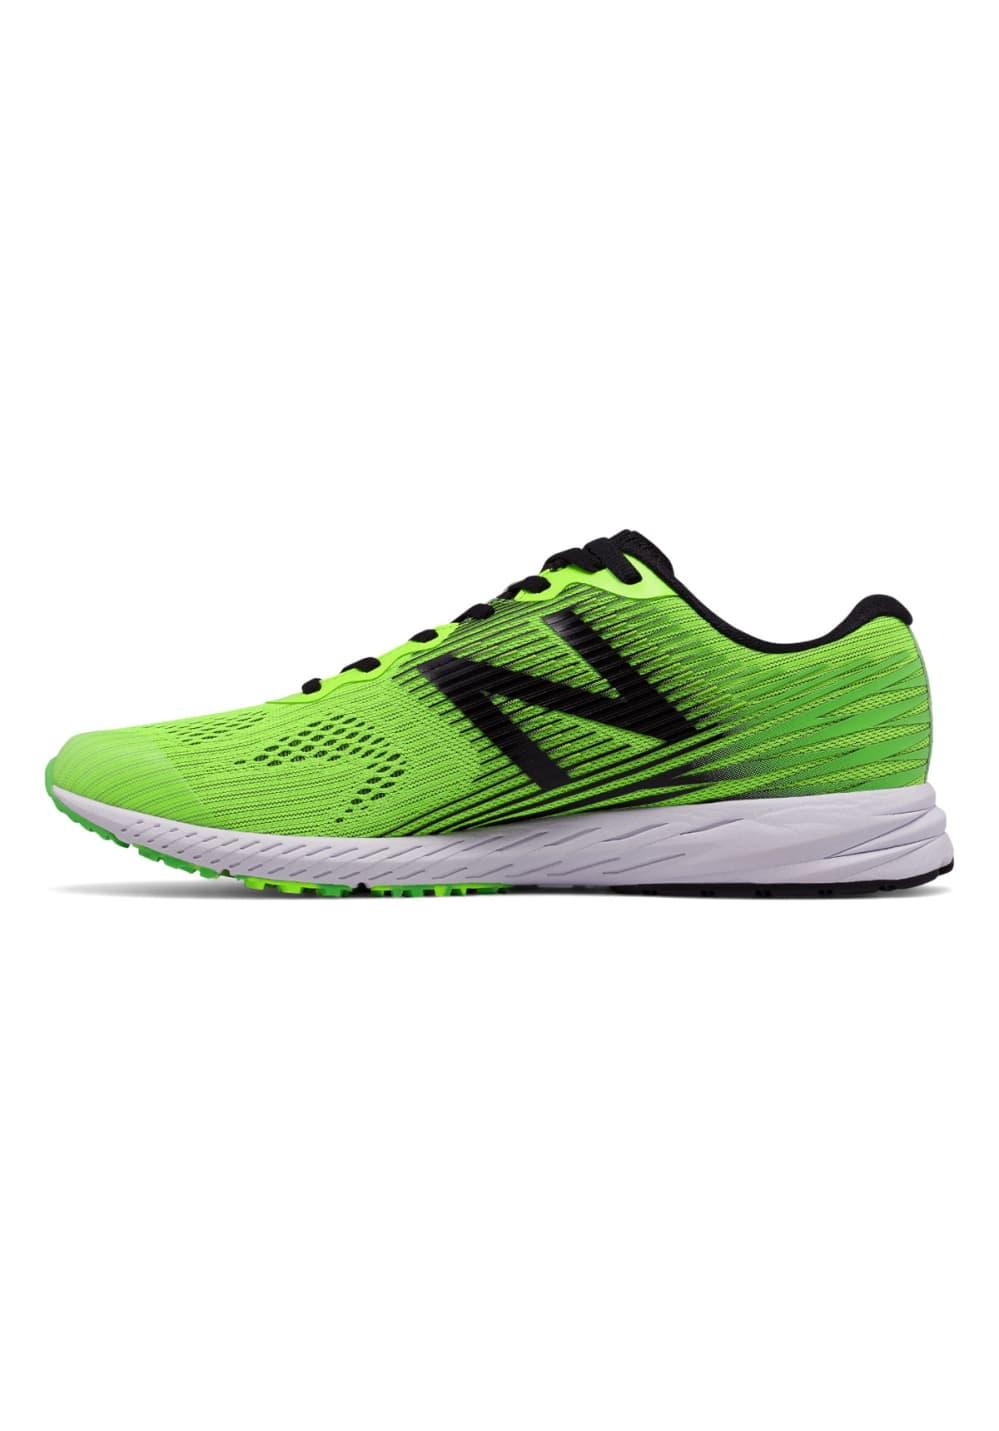 buy online 26c8d 73c0c New Balance M 1400 V5 D - Running shoes for Men - Green